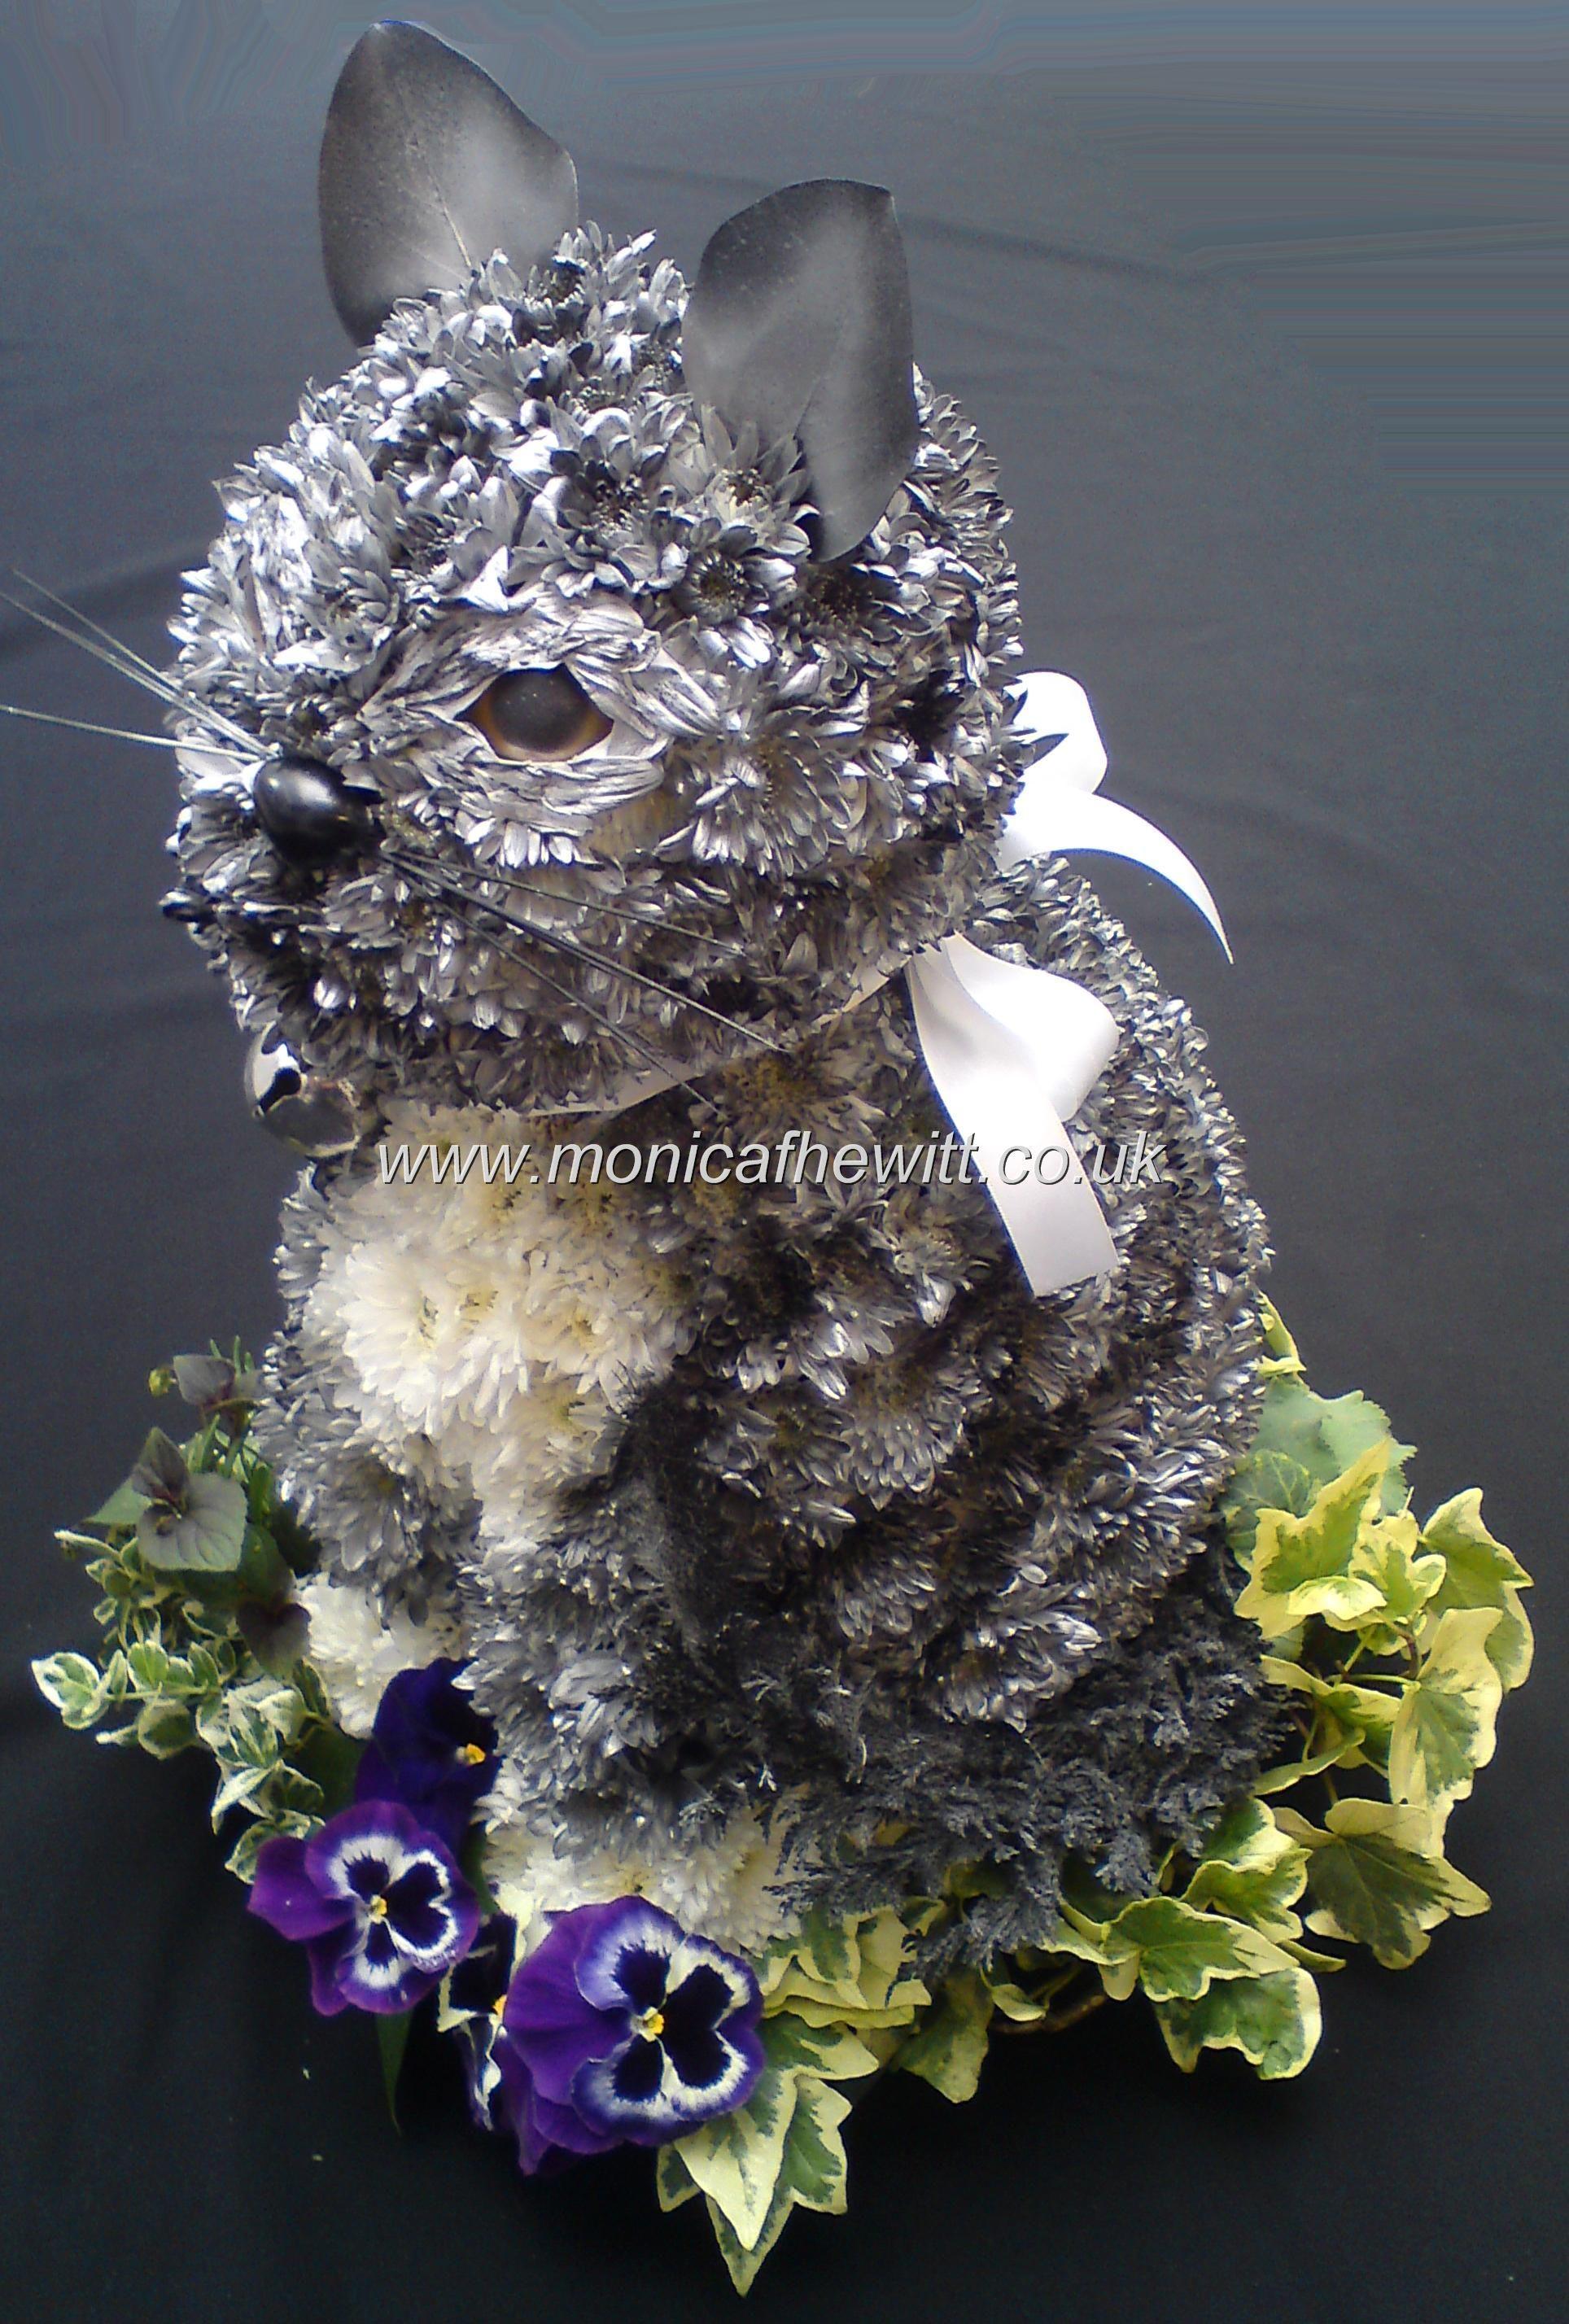 Cat Funeral Flowers Monica F Hewitt Florist Sheffield Make It An